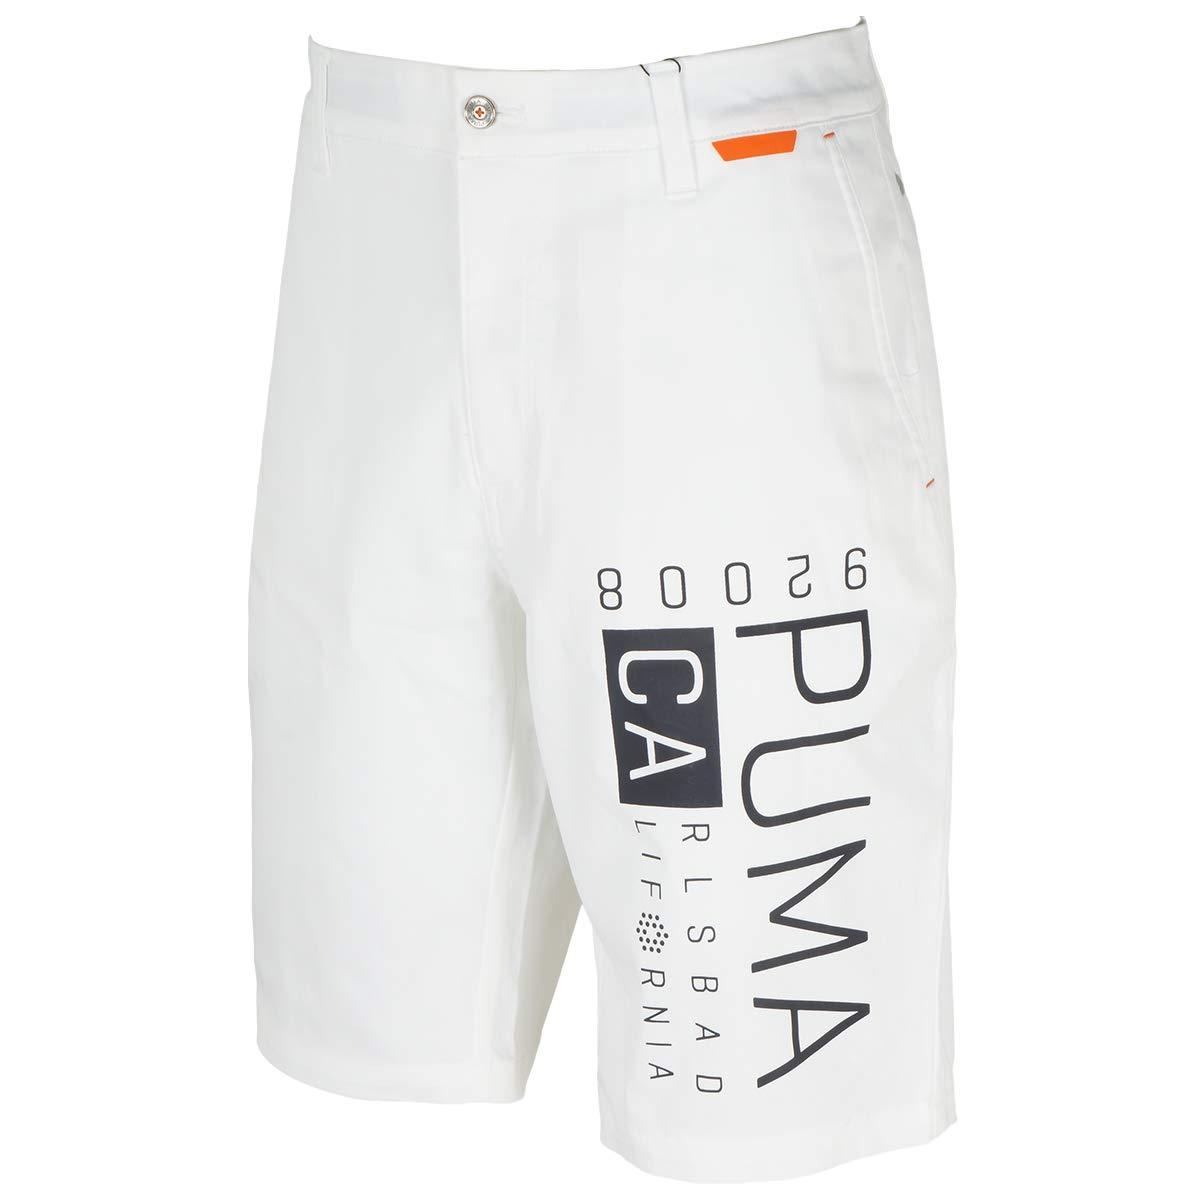 プーマ PUMA ハーフパンツ CA ハーフパンツ ブライトホワイト 03 M